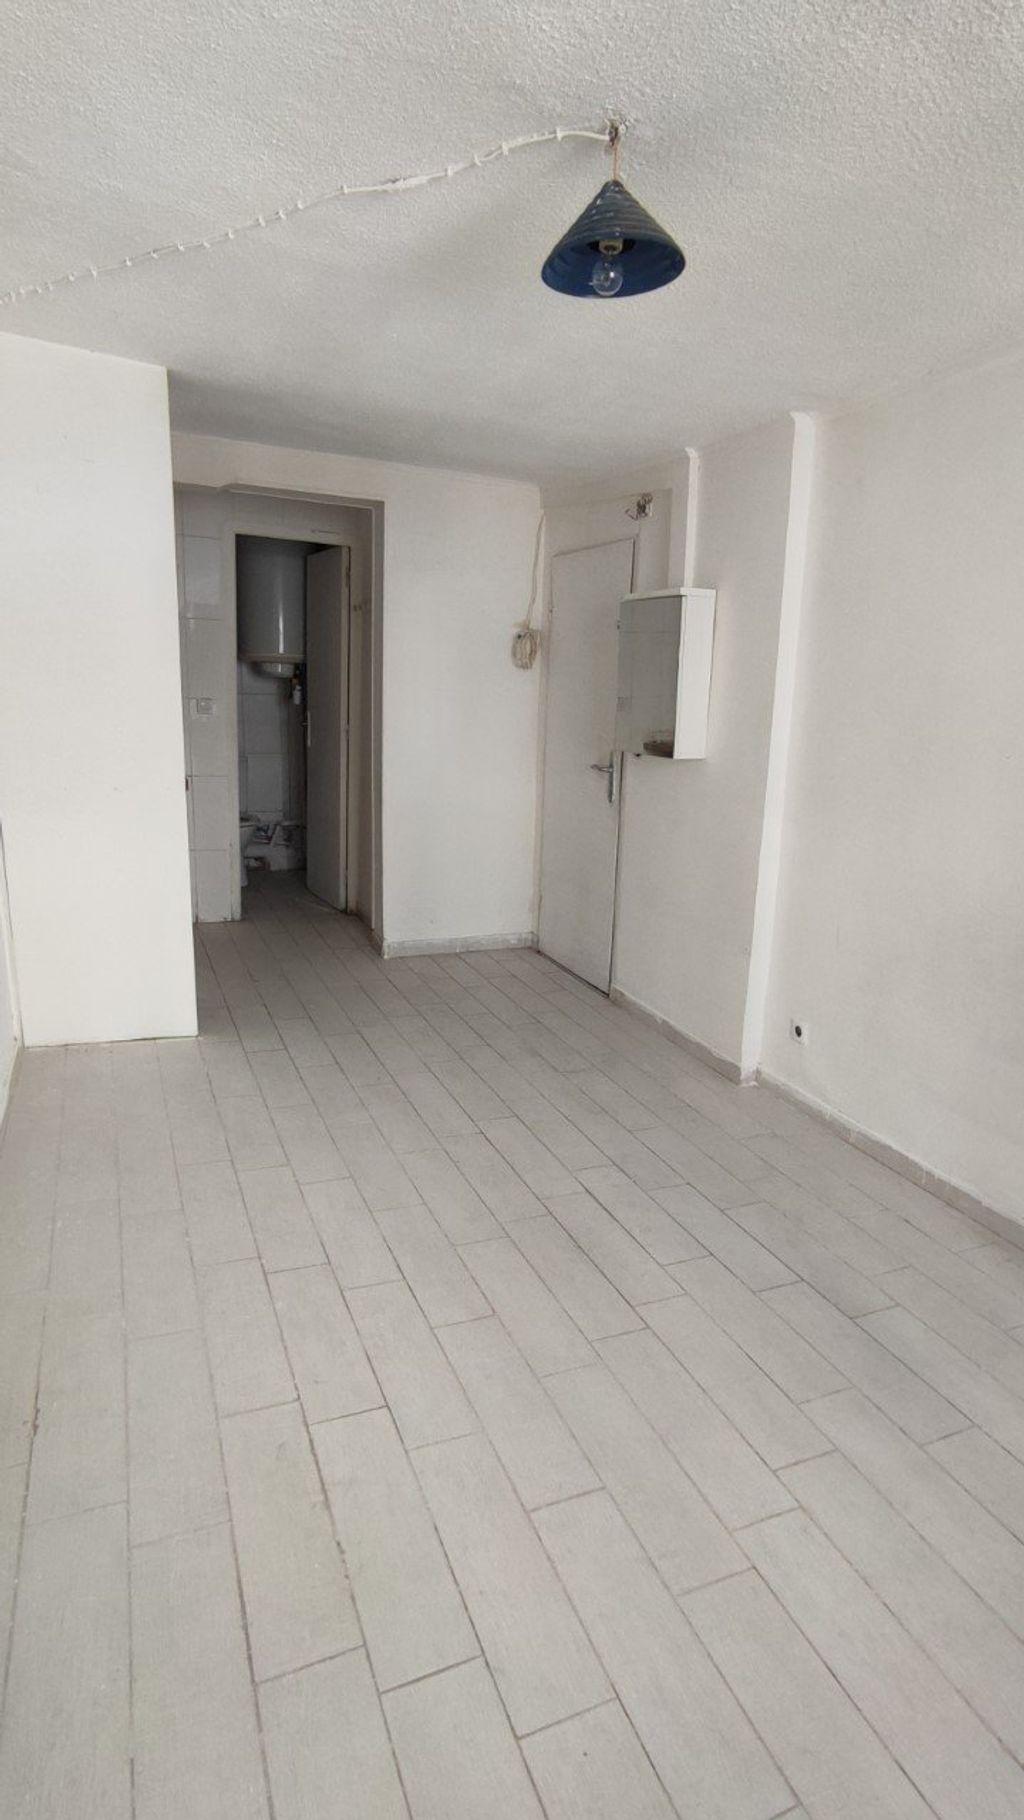 Achat studio 16m² - Paris 1er arrondissement